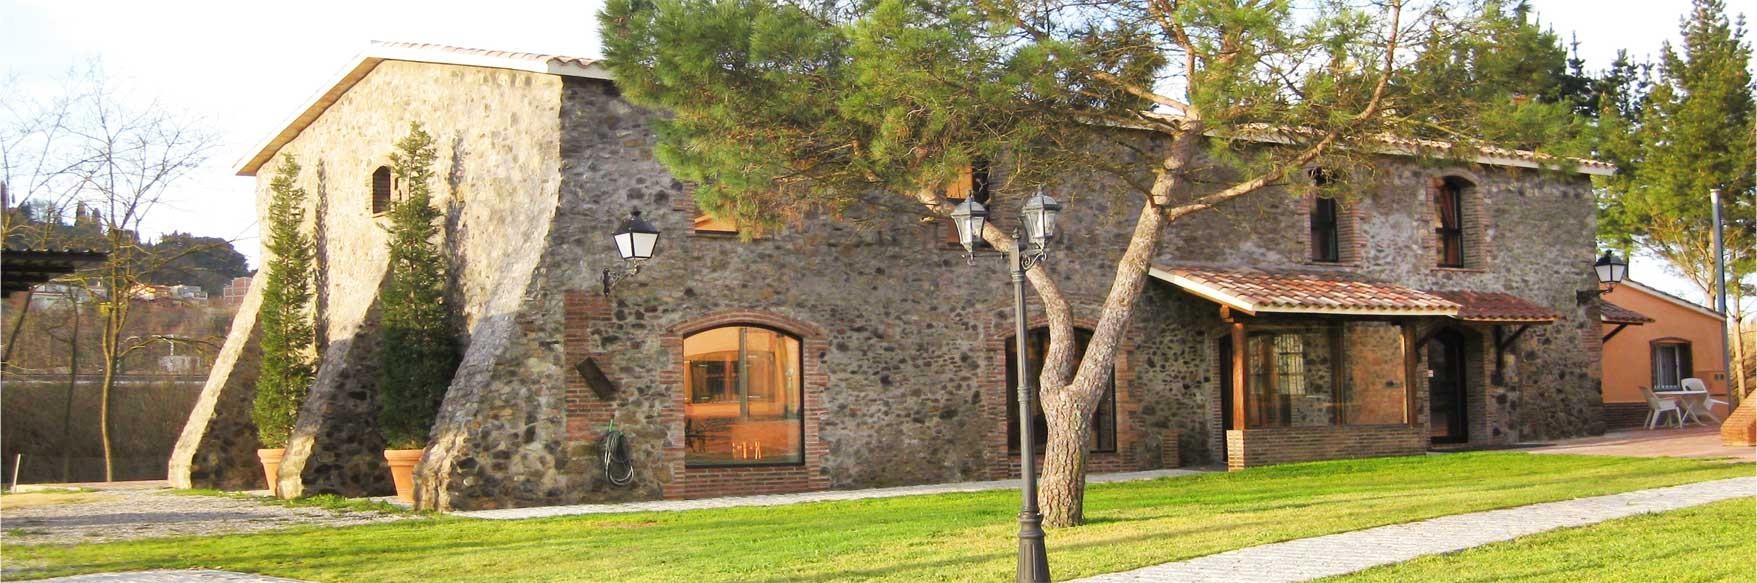 Entrada a la Casa de Pedra